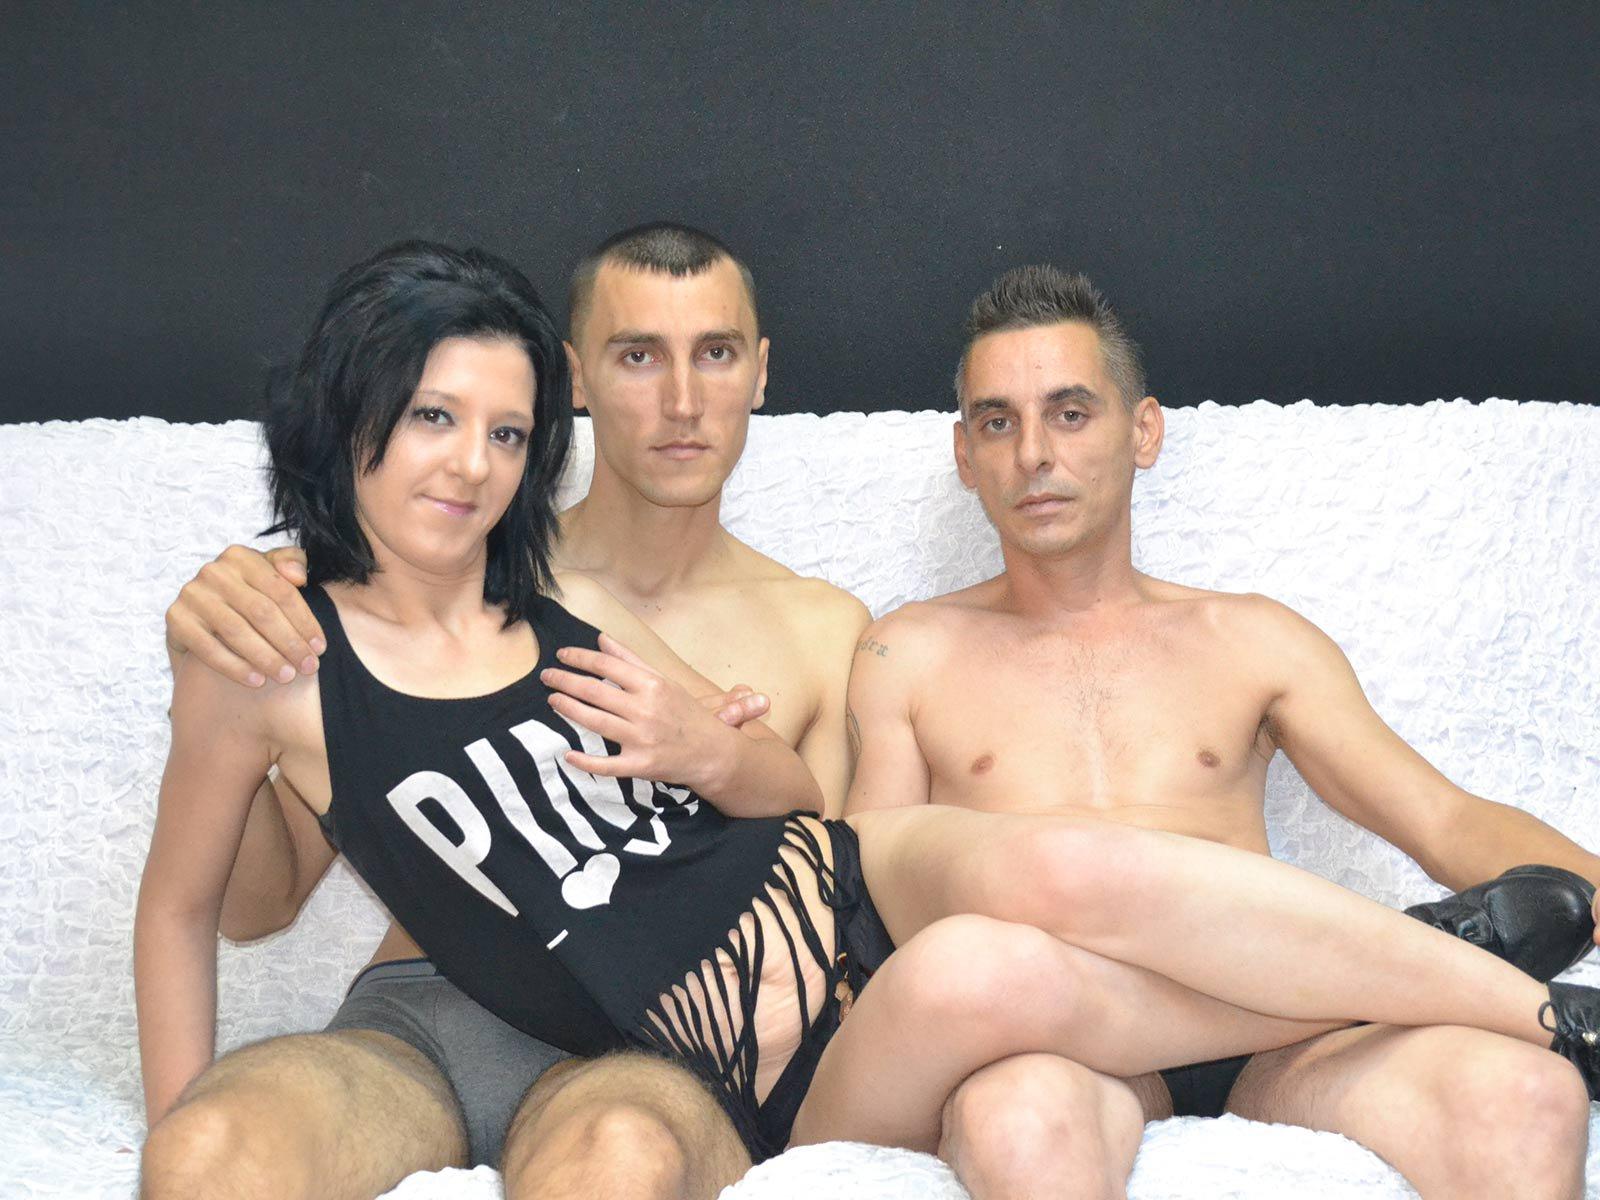 Бисексуалы и транссексуалы смотреть онлайн, девушка дрочит парню член пальчиками